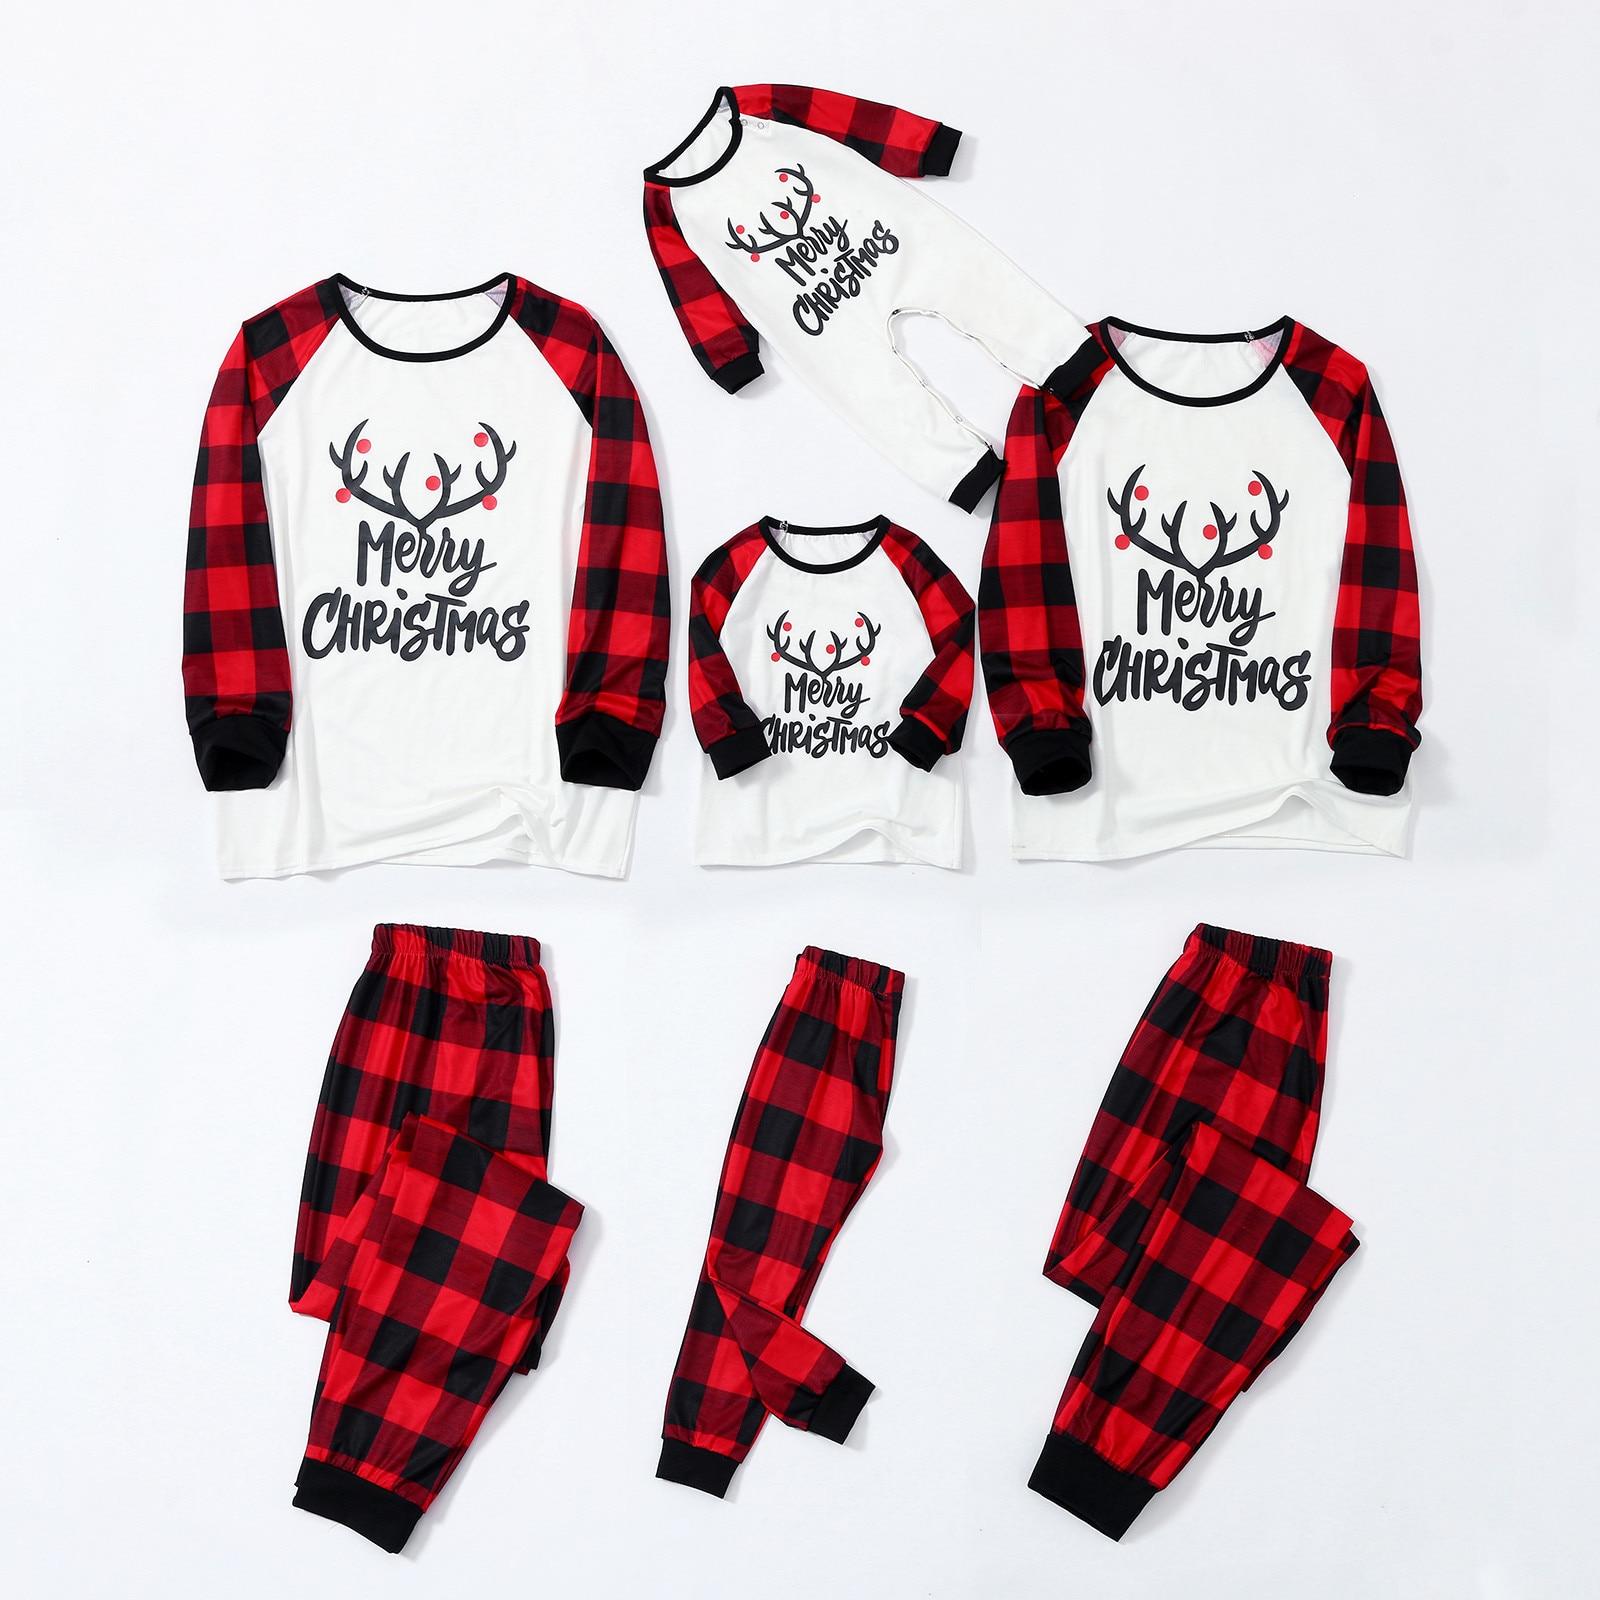 Pijamas De Navidad con letras impresas, ropa Familiar De Navidad, pantalones De...